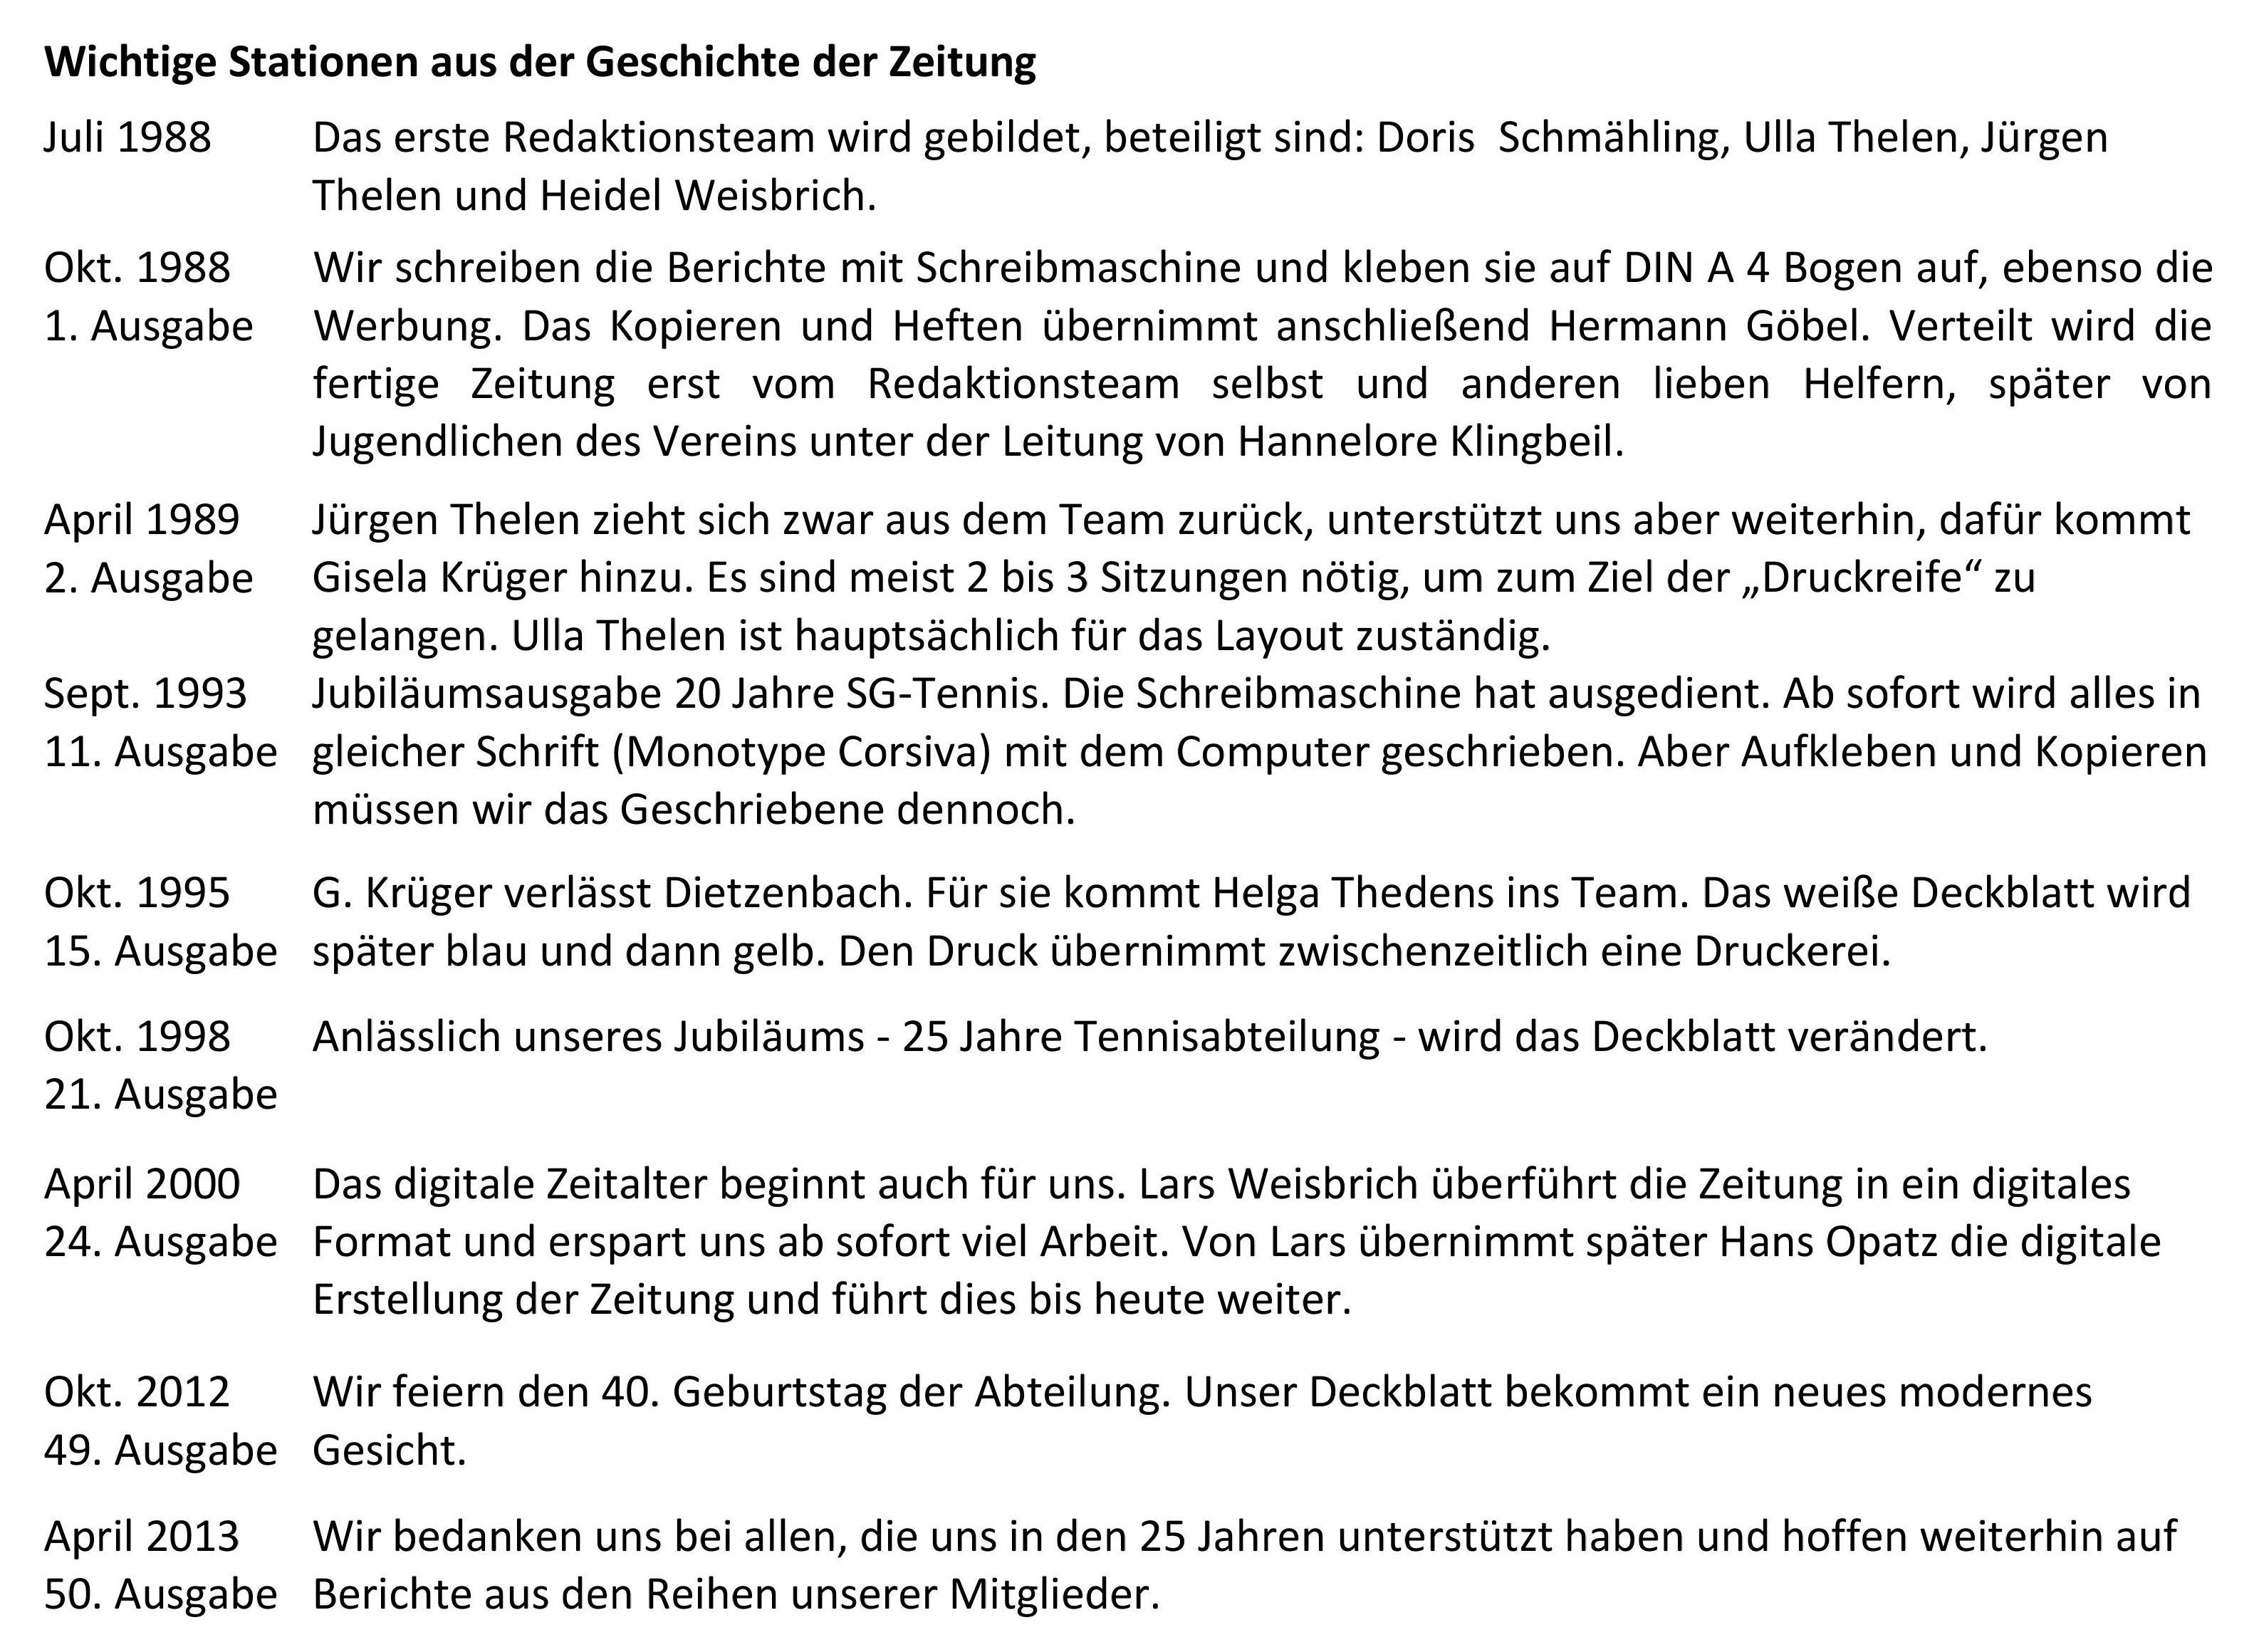 Tabelle Chronik TZeitung